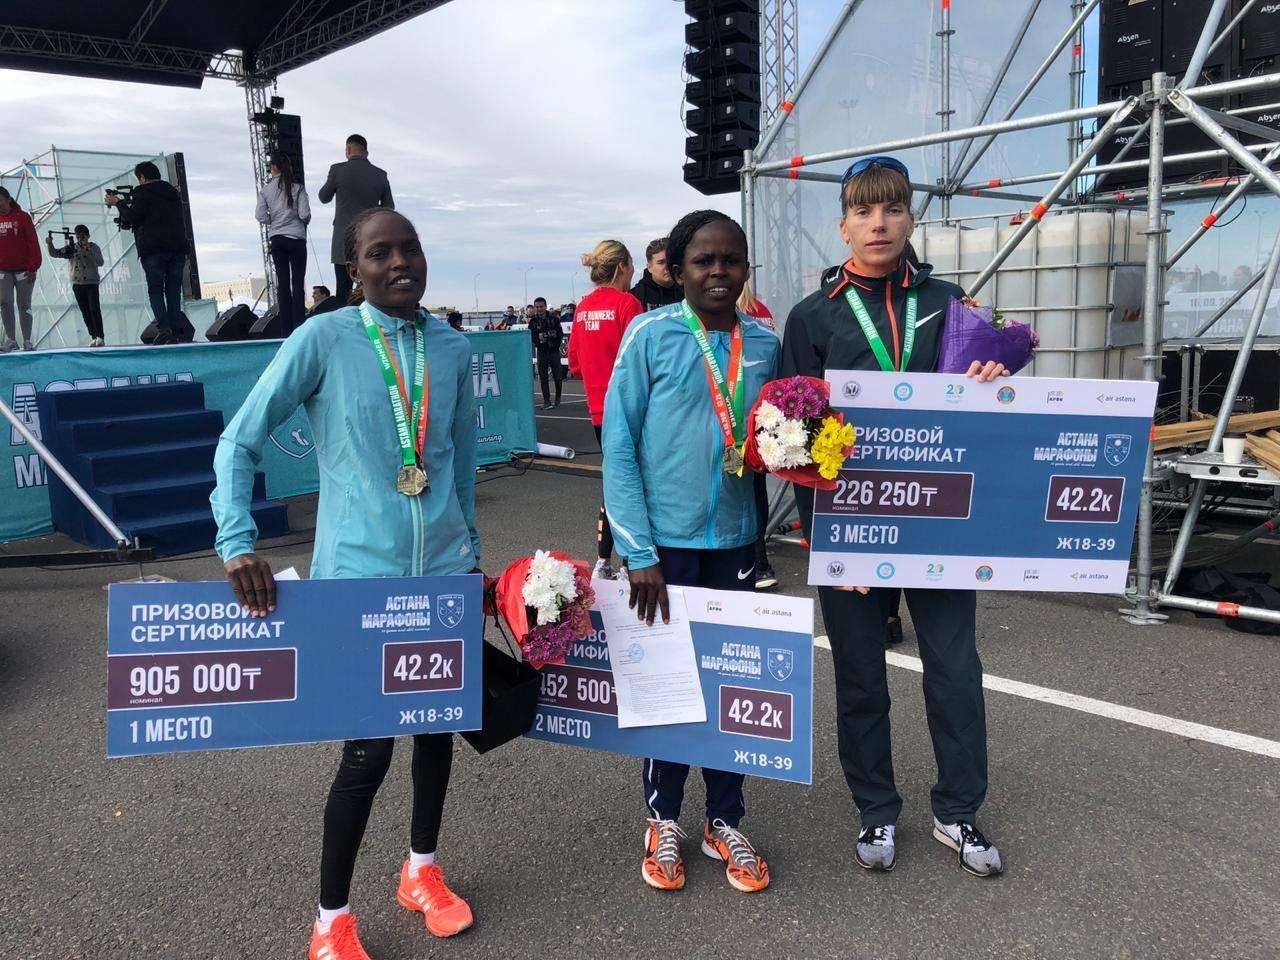 Бегуньи из Кении финишировали первыми